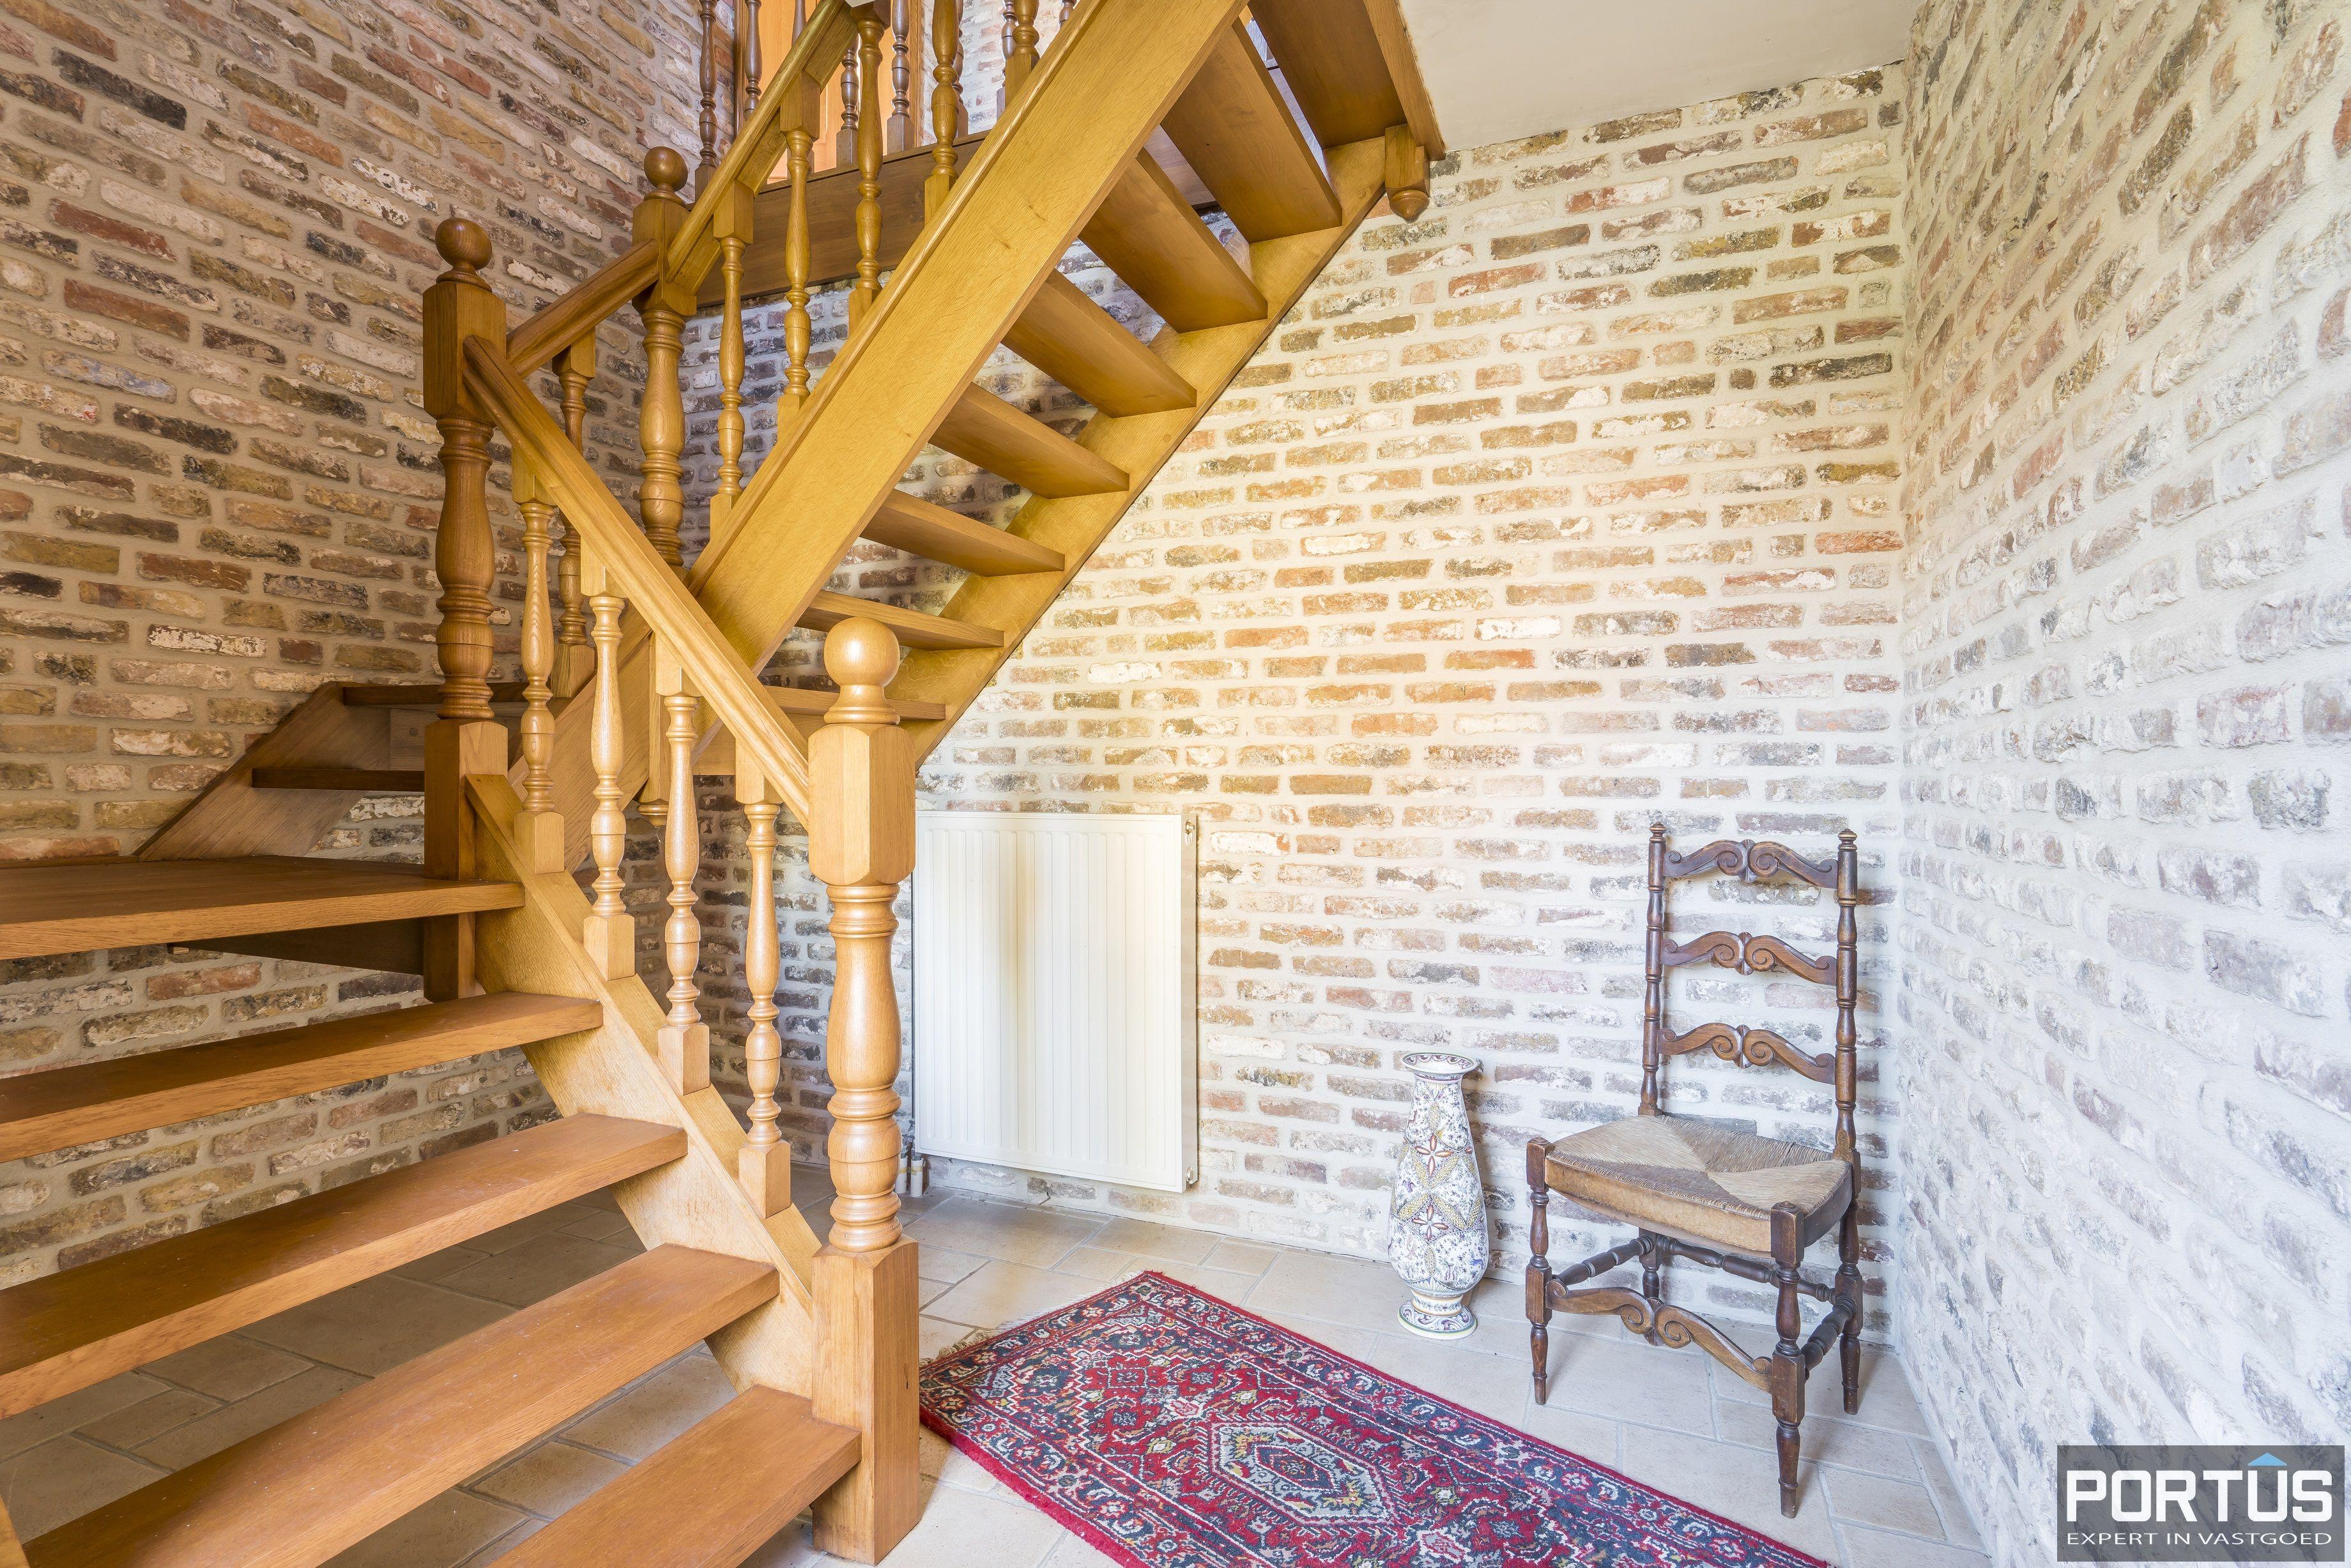 Woning te koop met 4 slaapkamers te Oostduinkerke - 12592